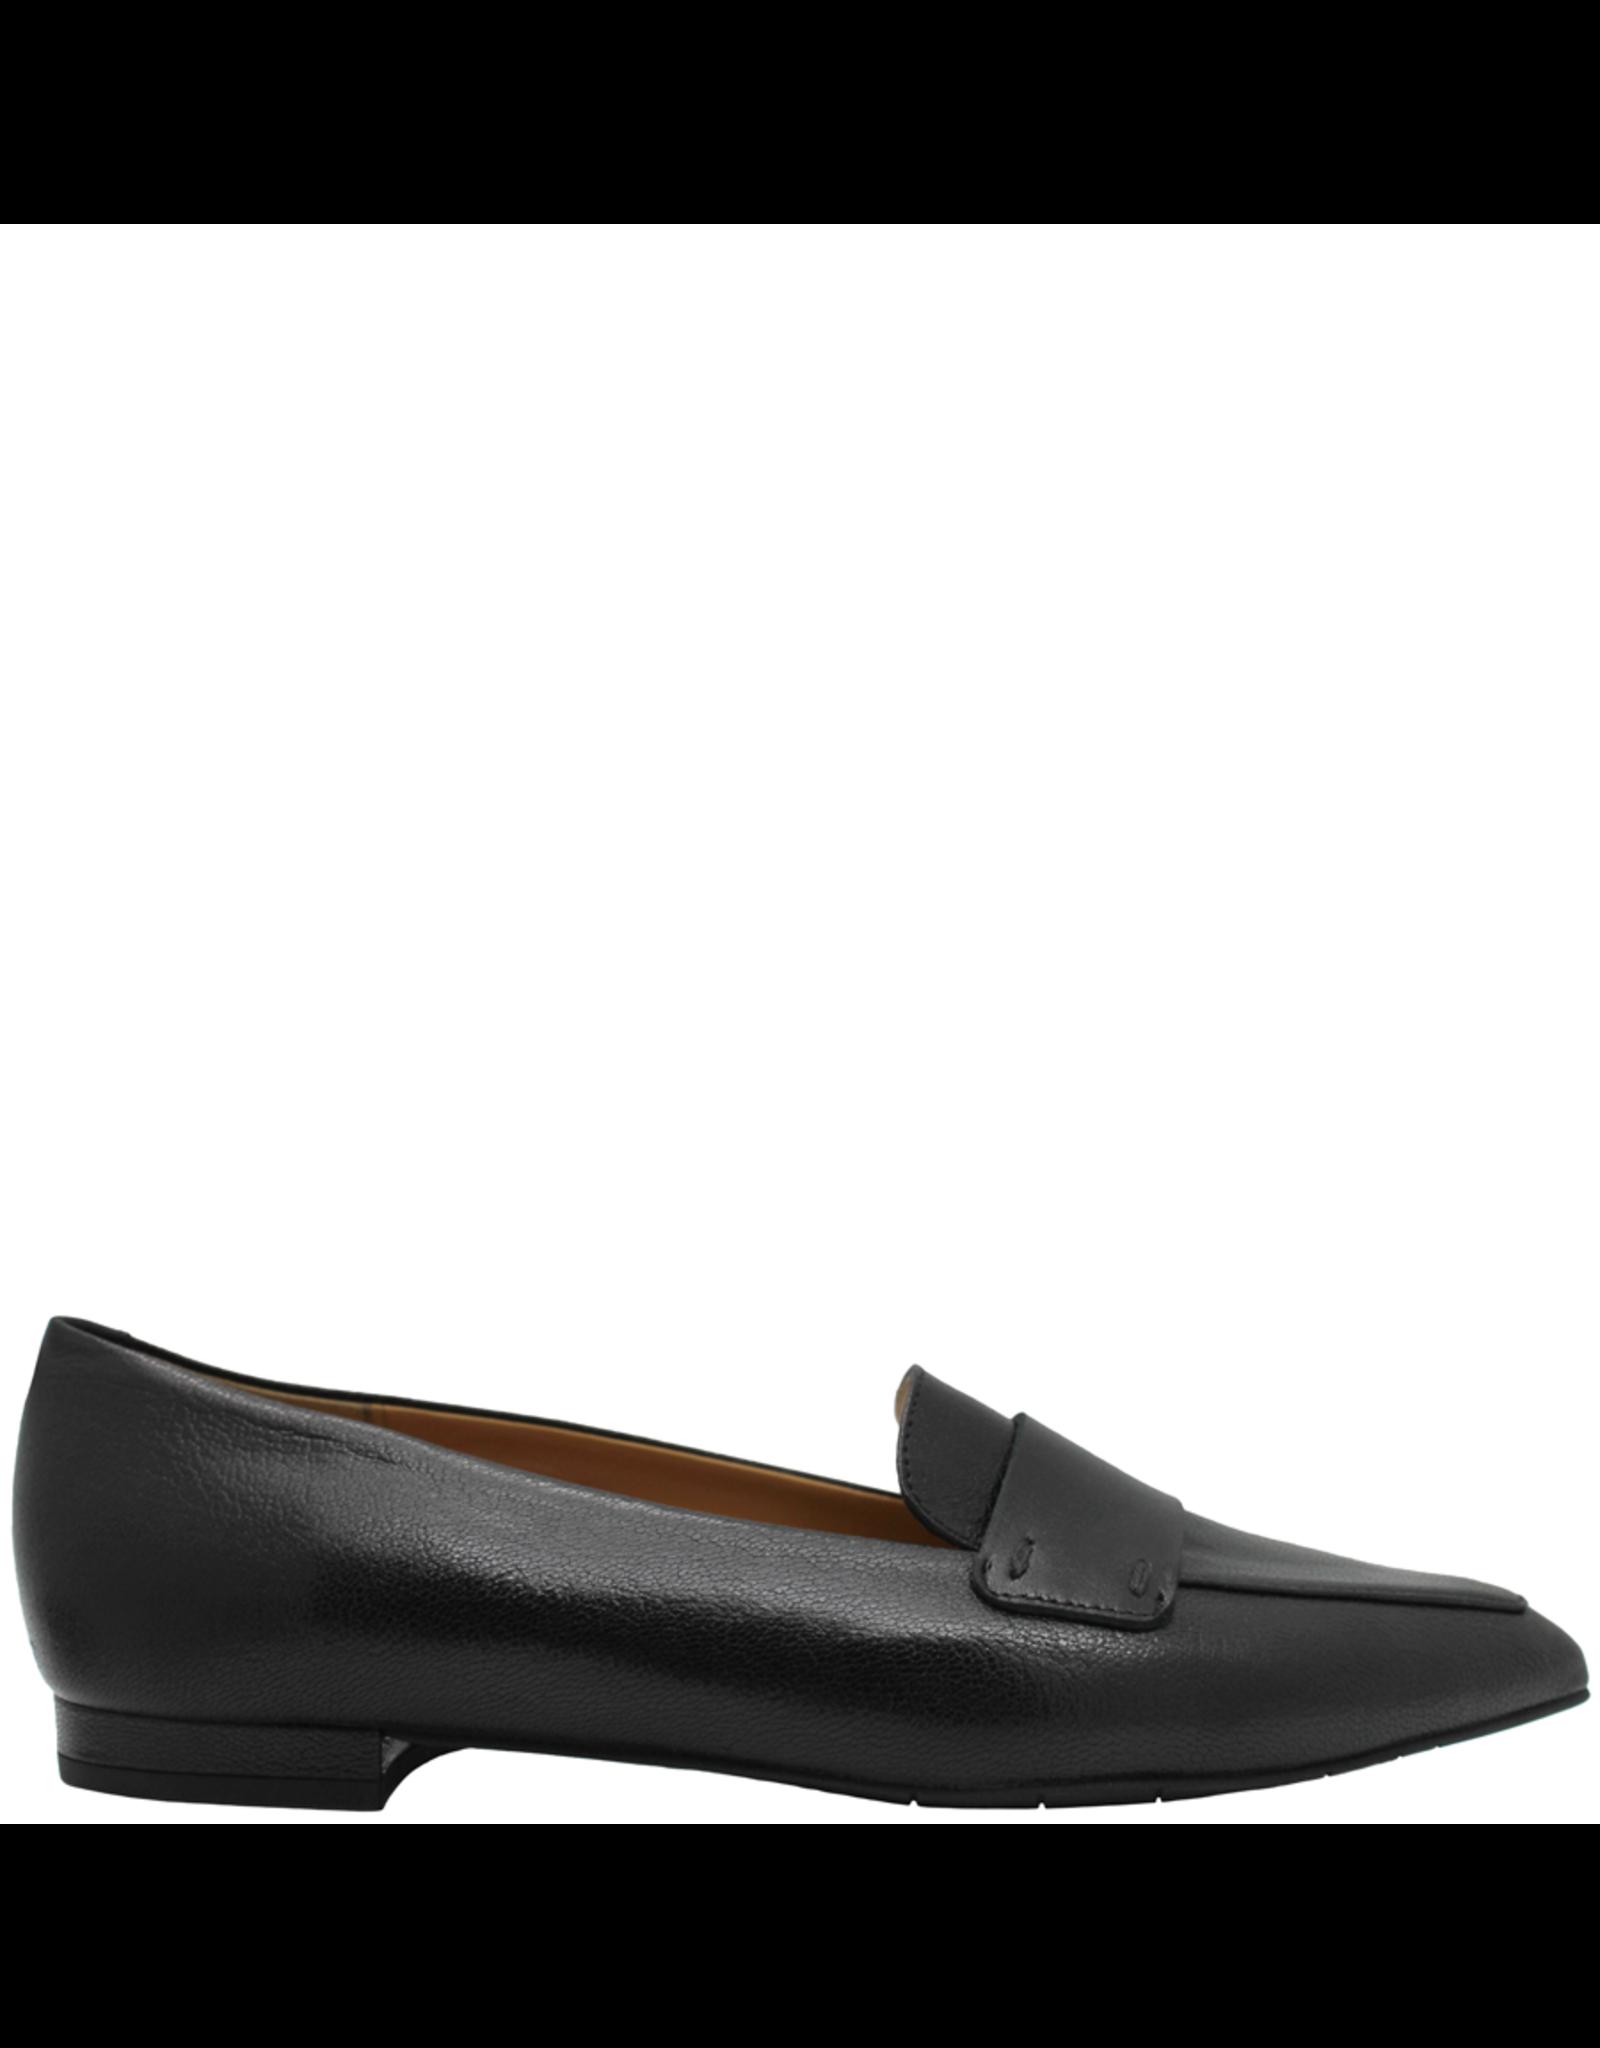 ModadiFausto ModadiFausto Black Point Toe loafer 6344